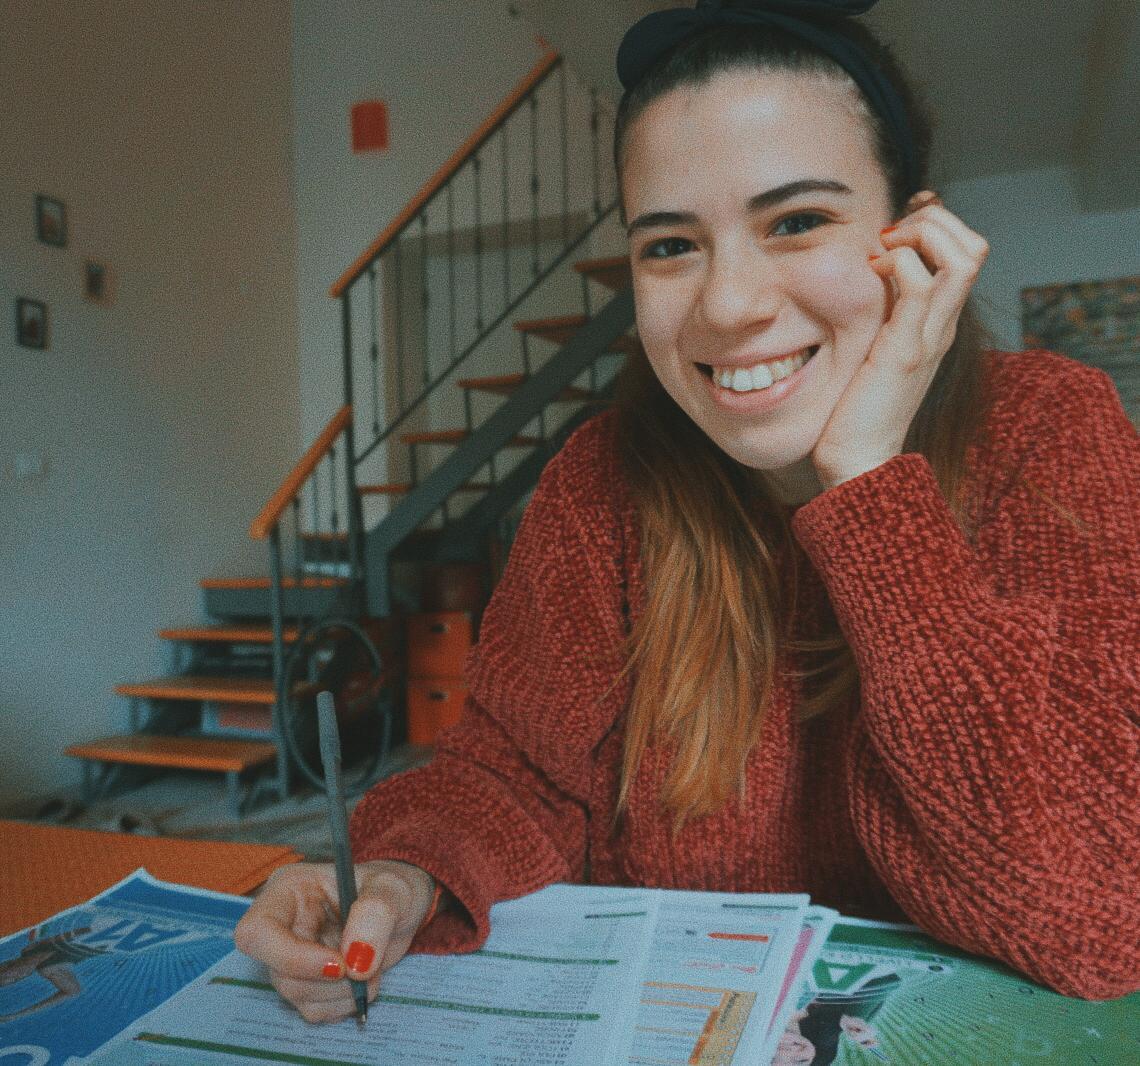 Cómo aprender italiano gratis y desde tu casa